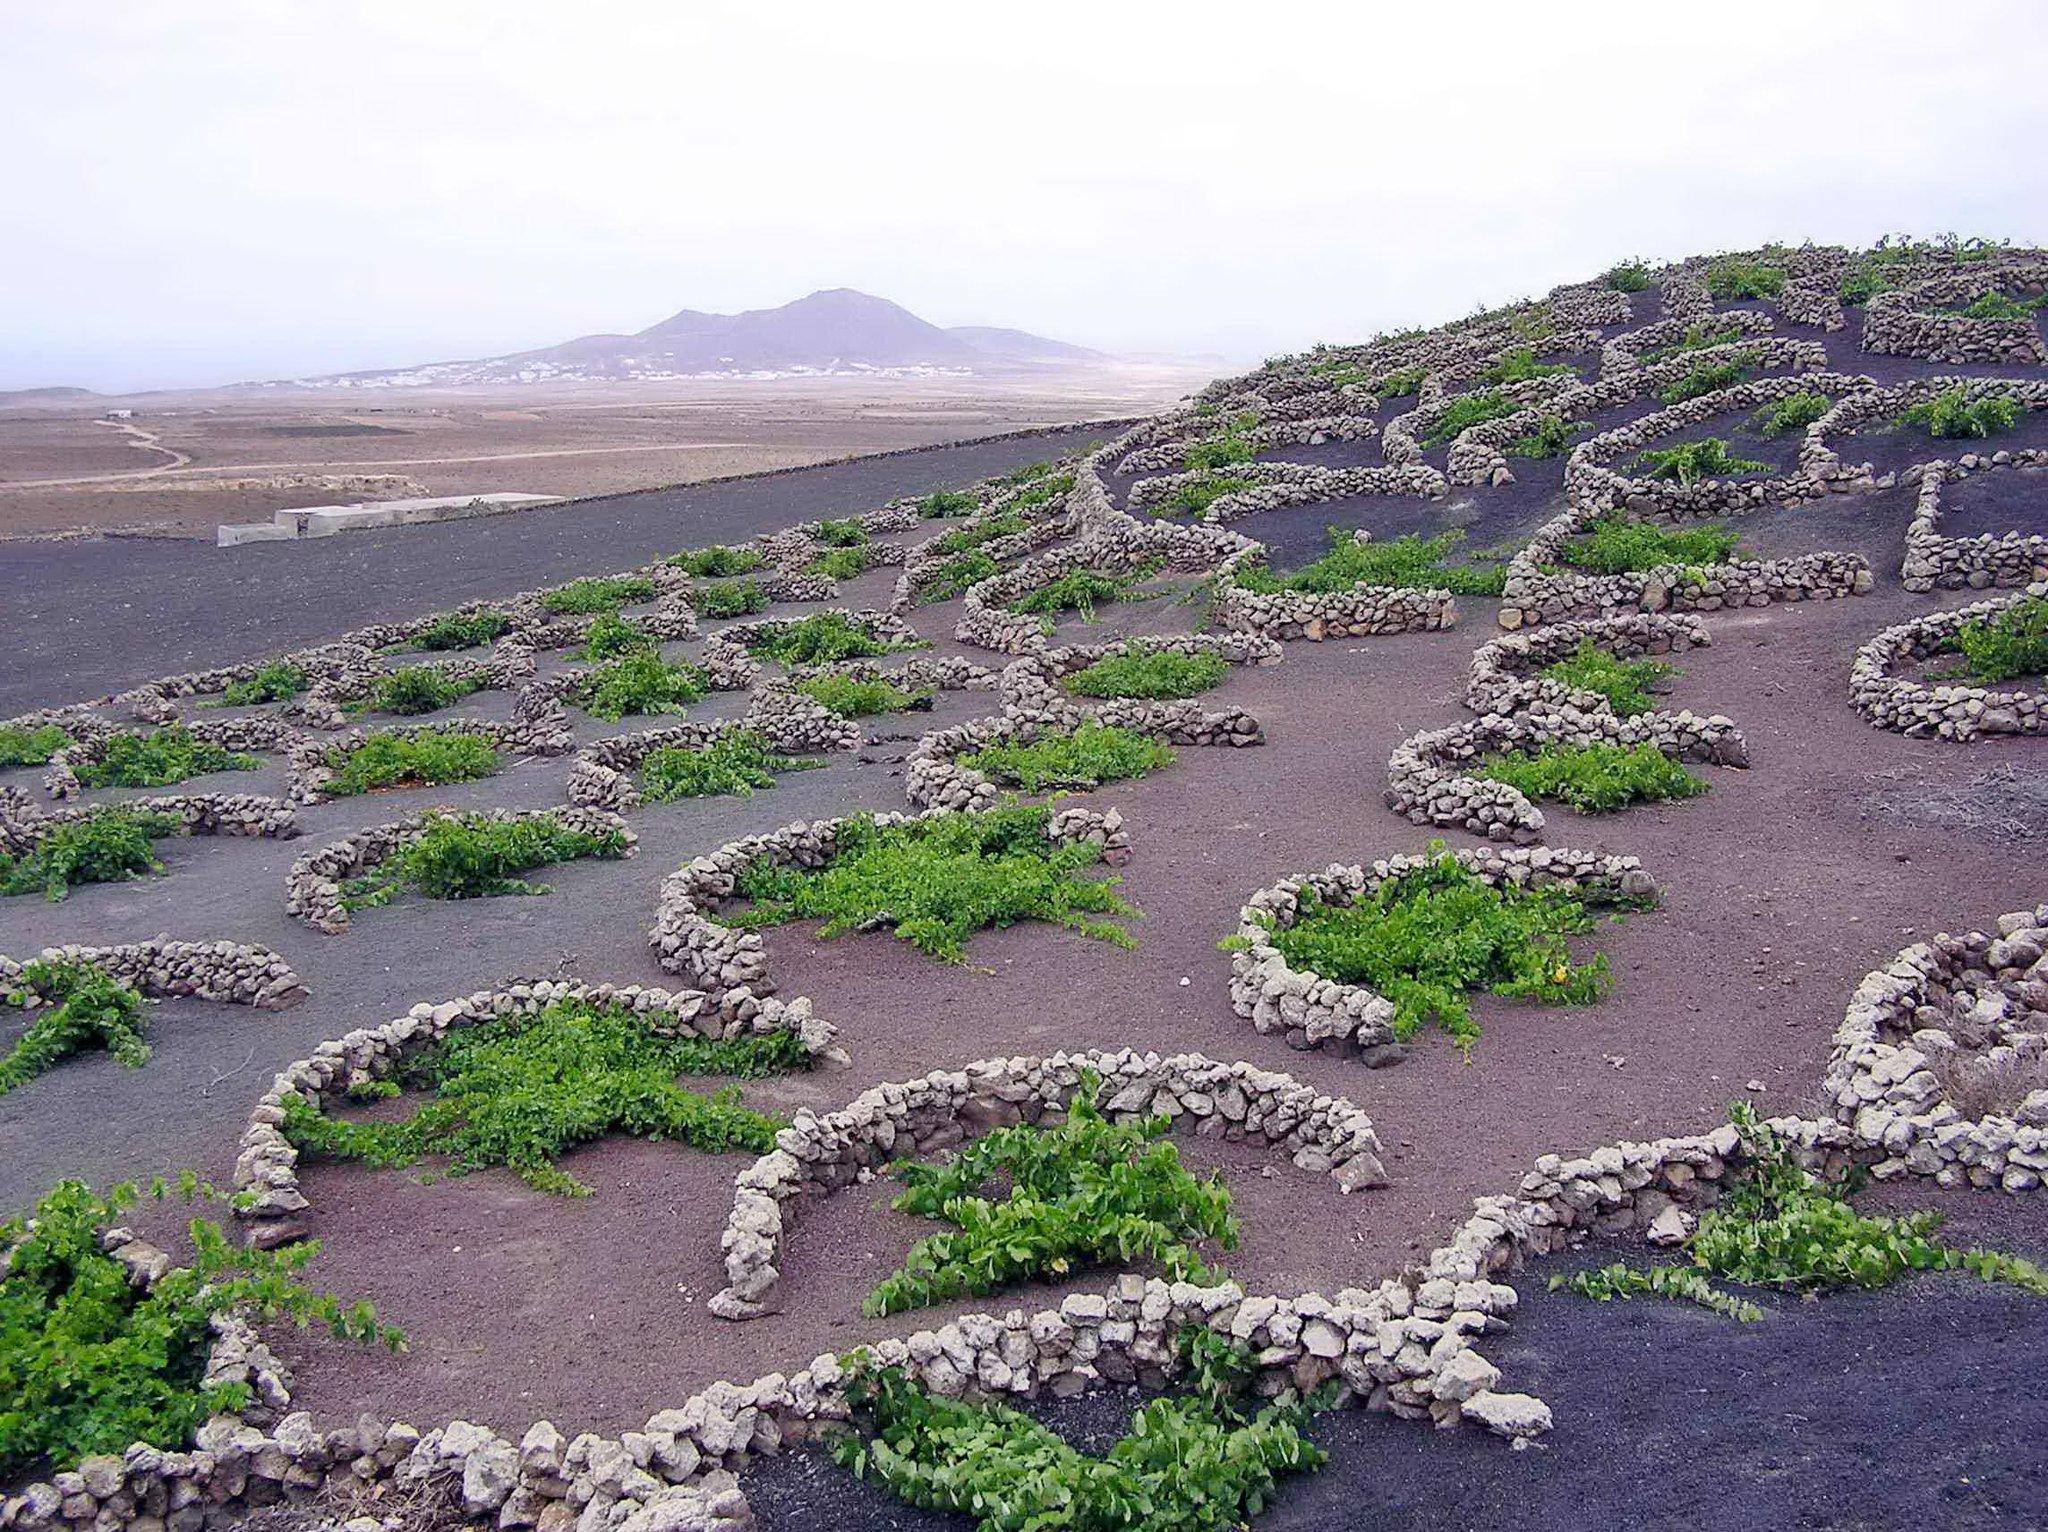 картинки про плодородие почвы возле вулканов перед законом